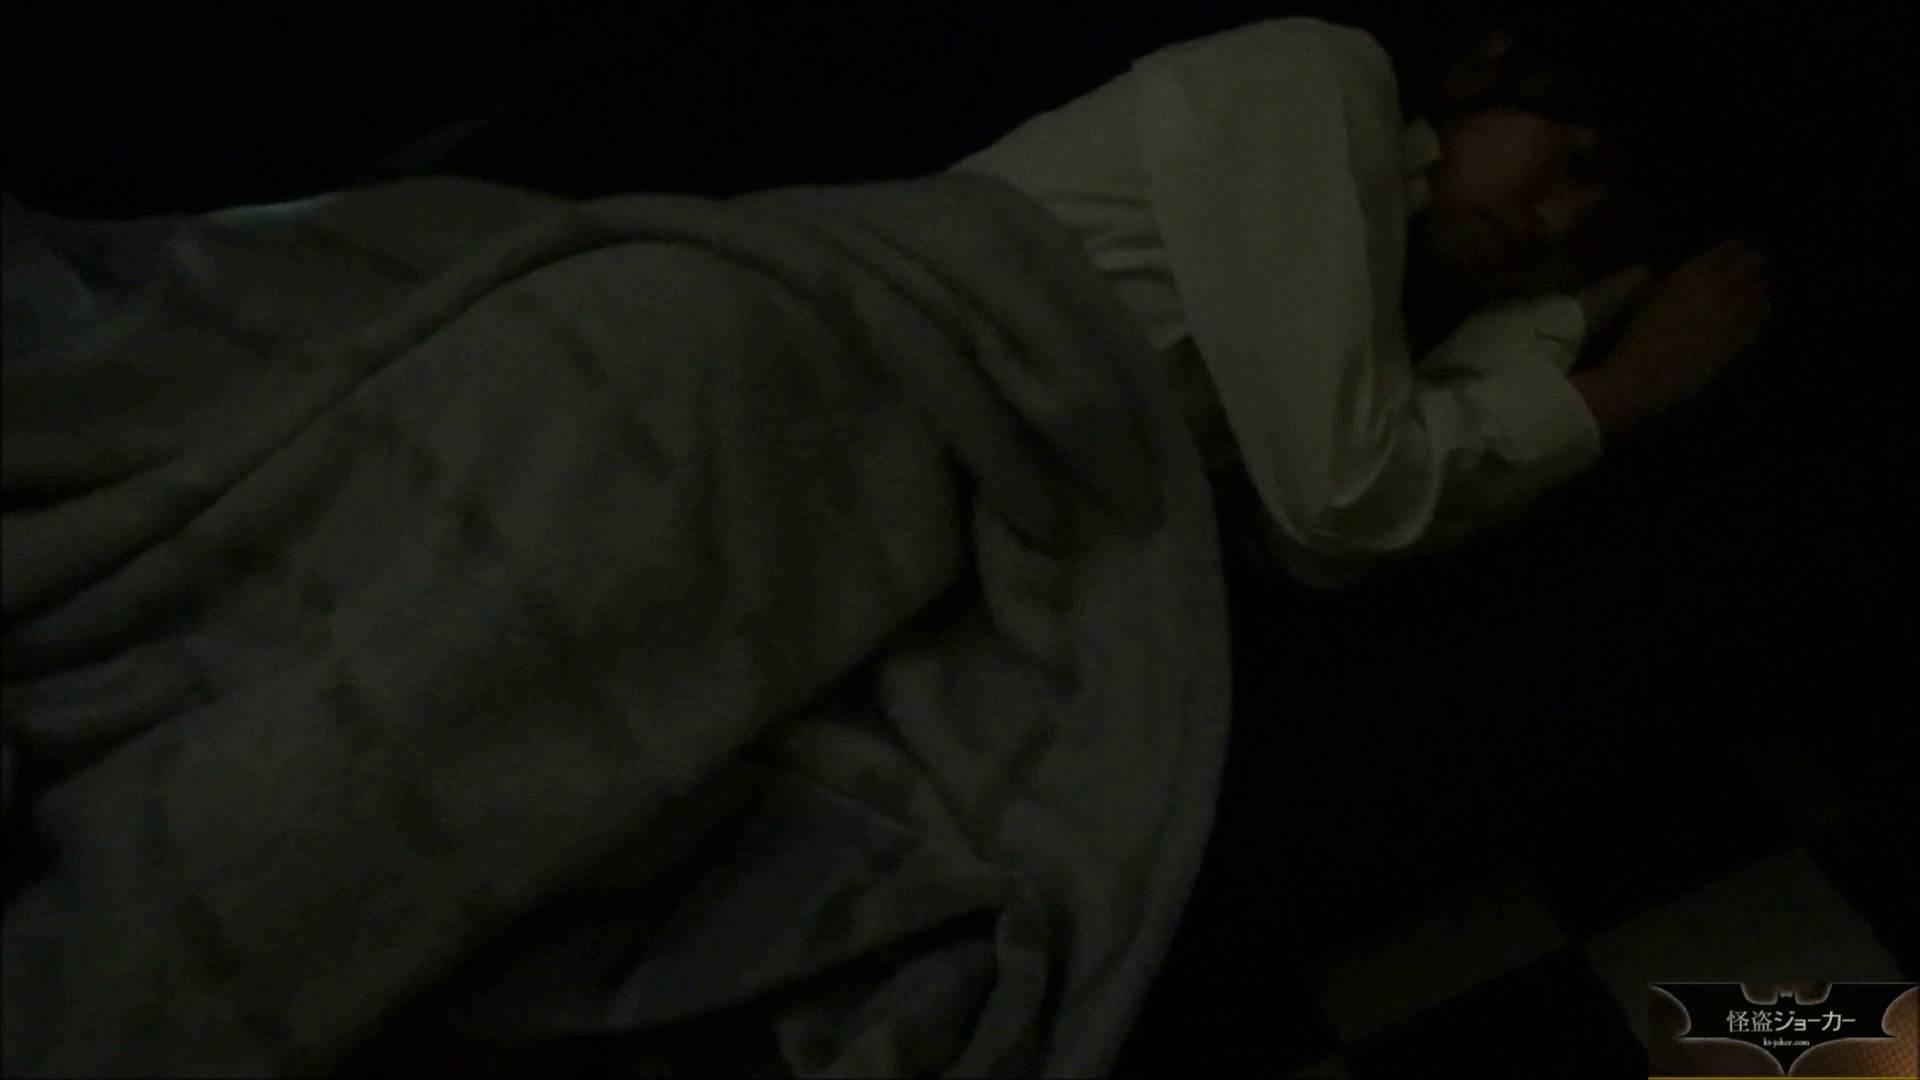 【未公開】vol.22 ●貴の部屋でおやすみなさい。 高画質 すけべAV動画紹介 63画像 21